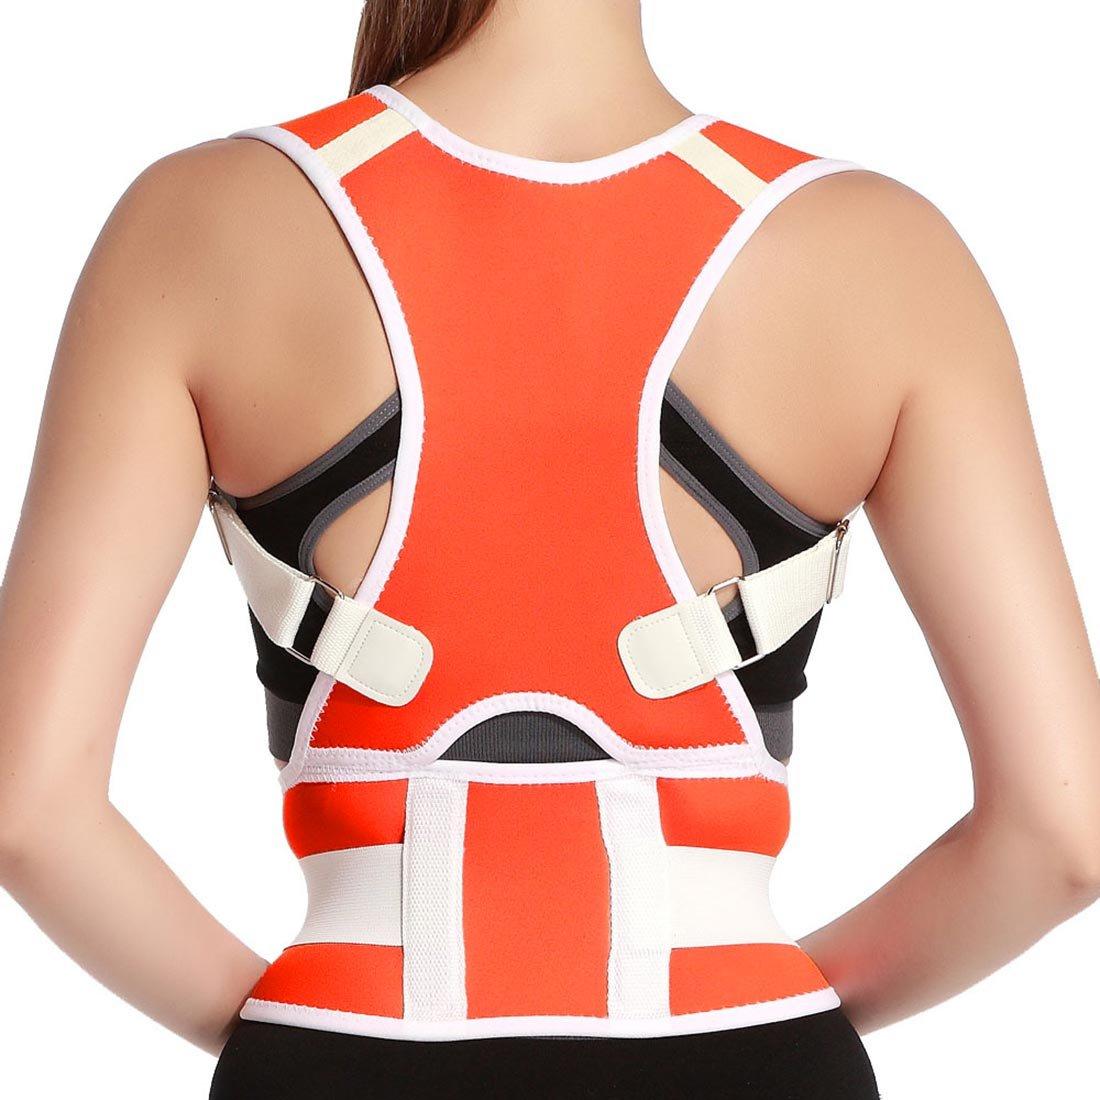 Back Support Belt, Comfort Posture Corrector Back Support Brace Adjustable Shoulder Bandage Corset Back Orthopedic Brace Scoliosis Posture Corrector Strap for Men Women Size XXL Orange